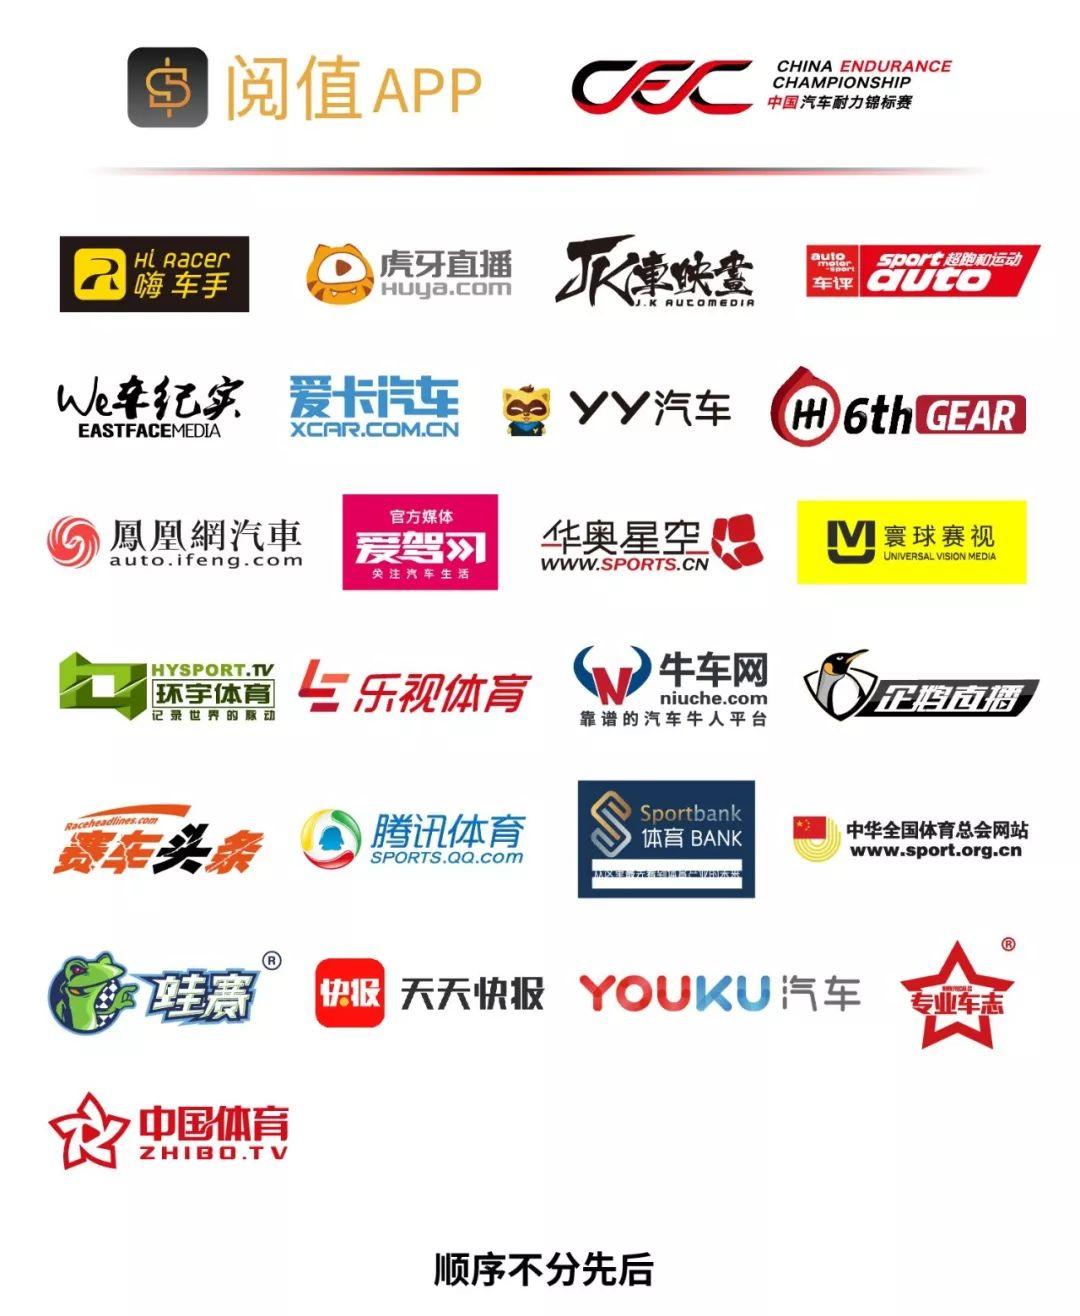 决战山海之交 CEC开创中国赛车新纪元!